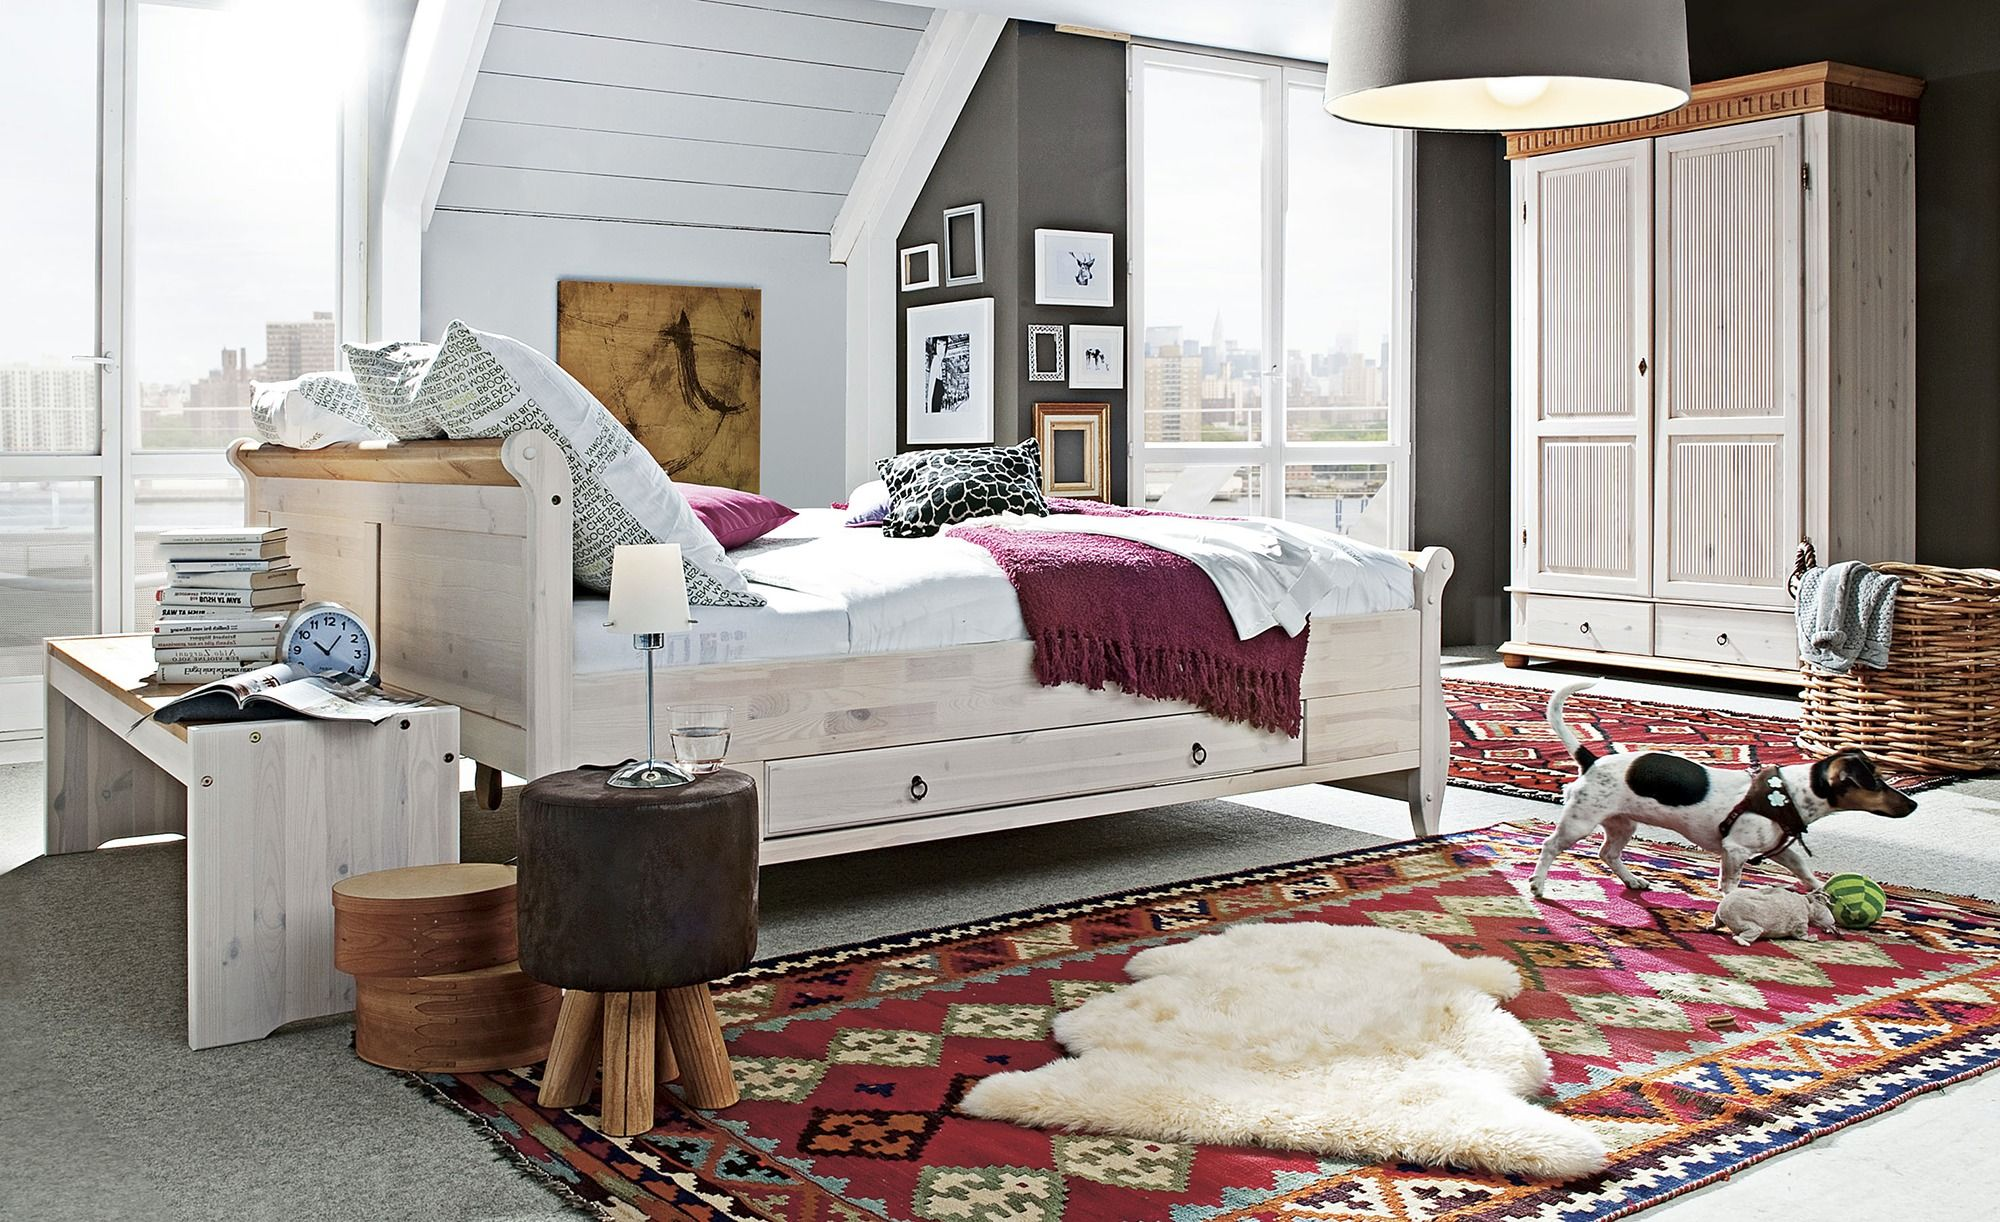 Bettgestell 180x200 Weiß Kiefer Landhaus Stil Bornholm